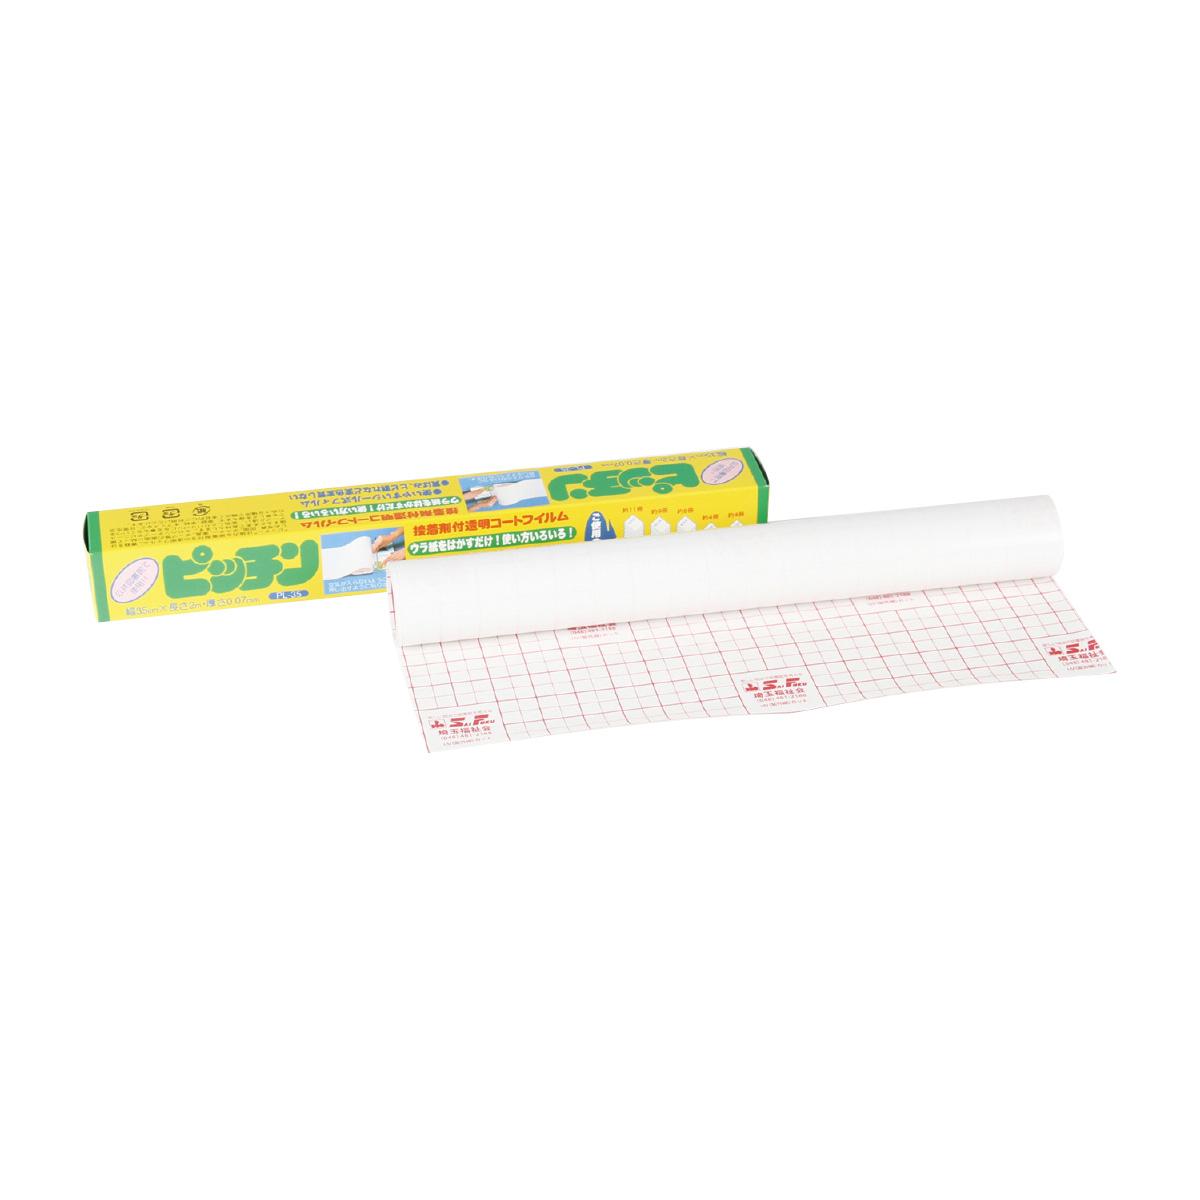 ピッチン 35cmx2m 文具 汚れ防止 カバー 透明フィルム 保護 補強 クリスマスプレゼント